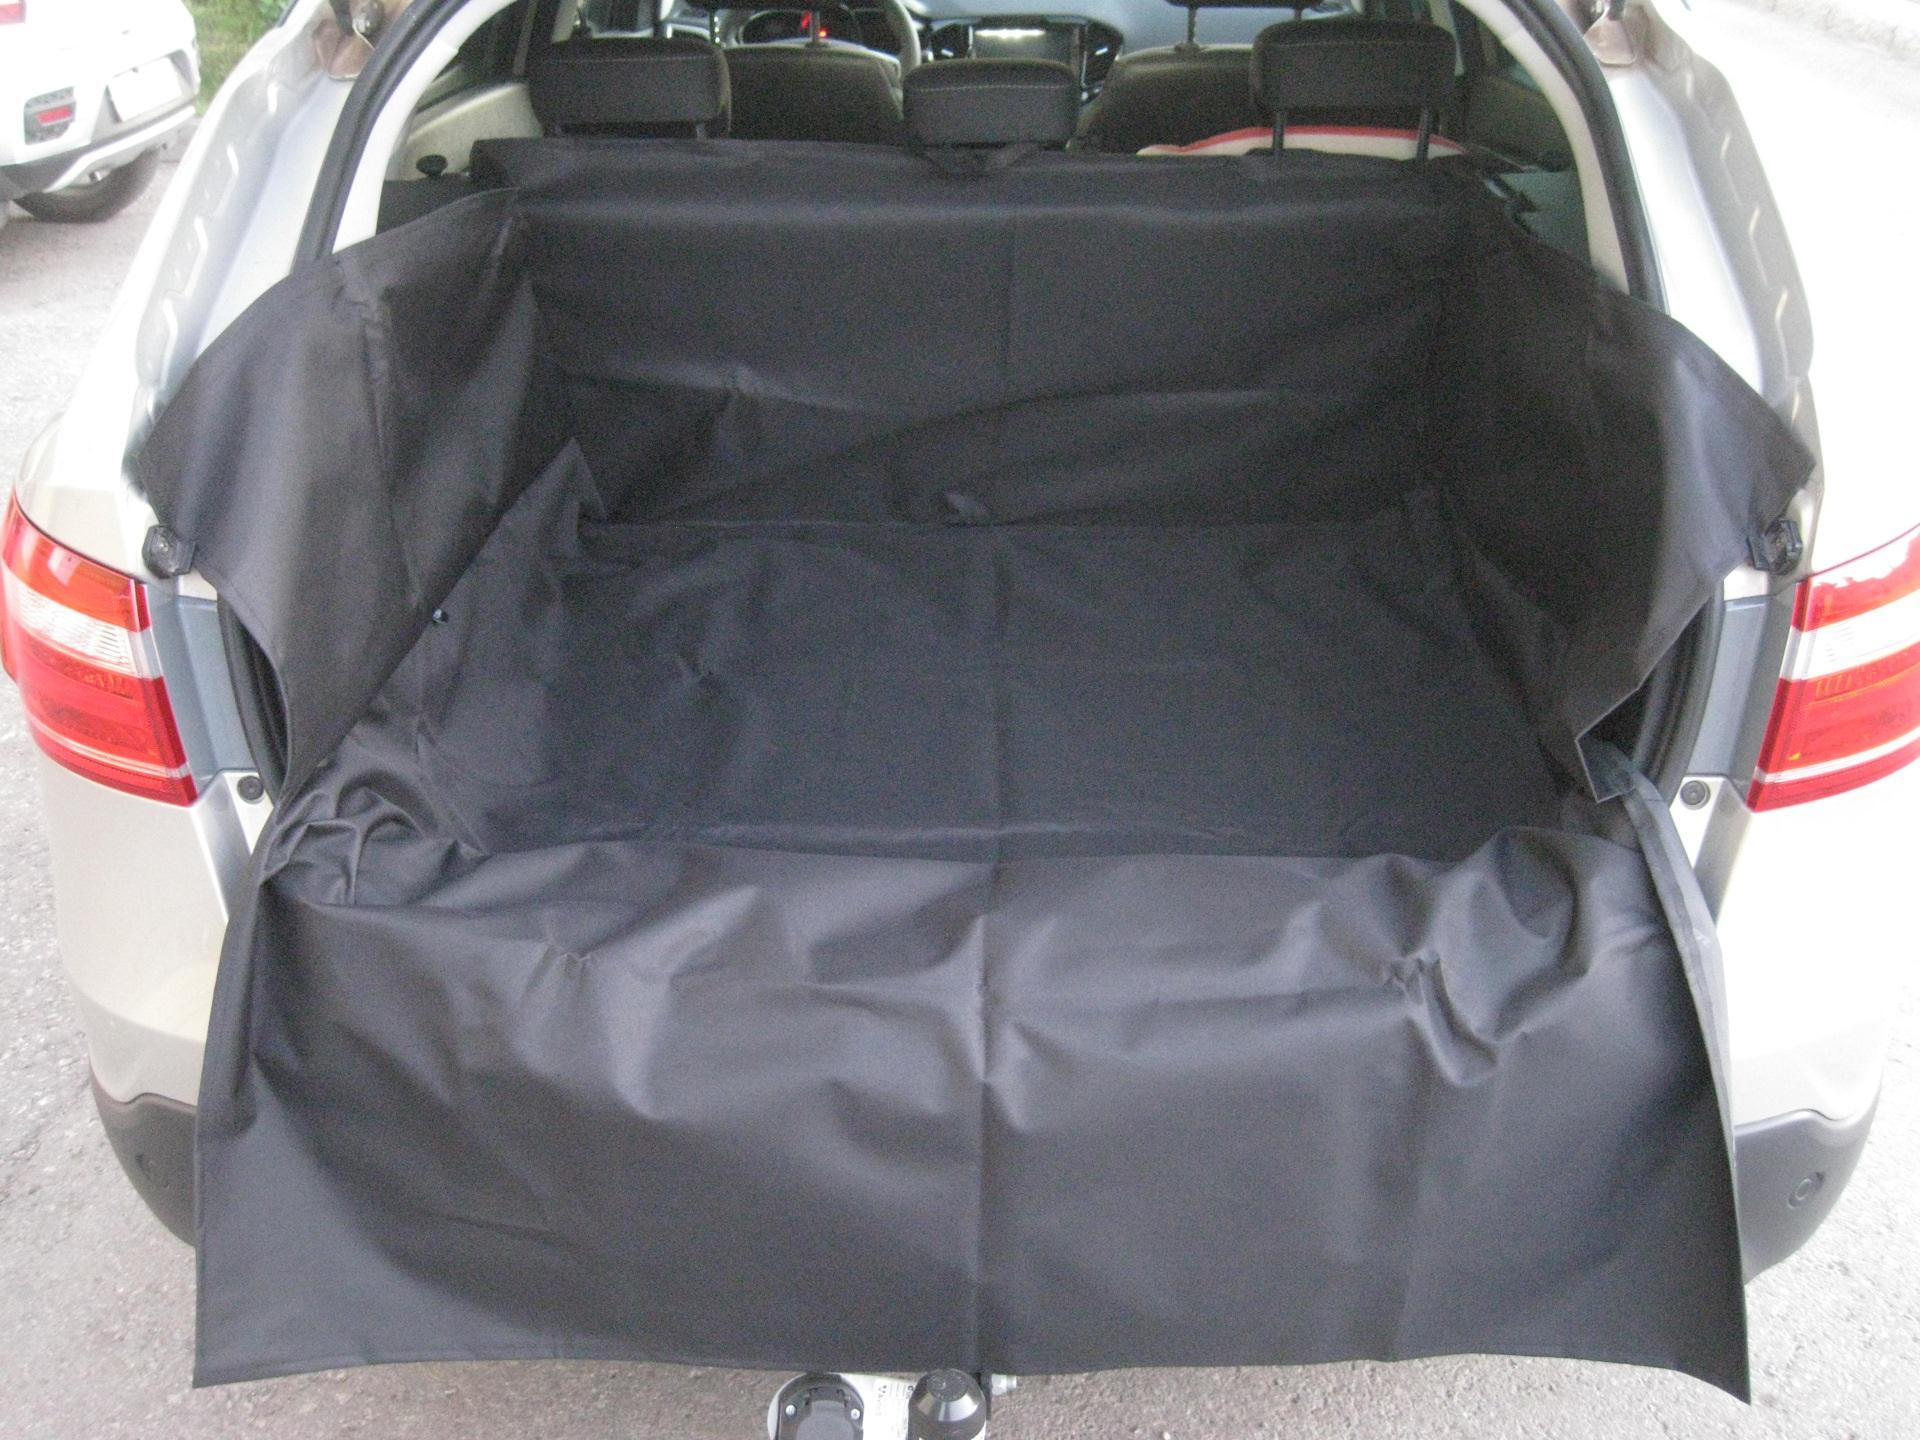 Шьем чехлы в багажник автомобиля своими руками - пошаговая инструкция